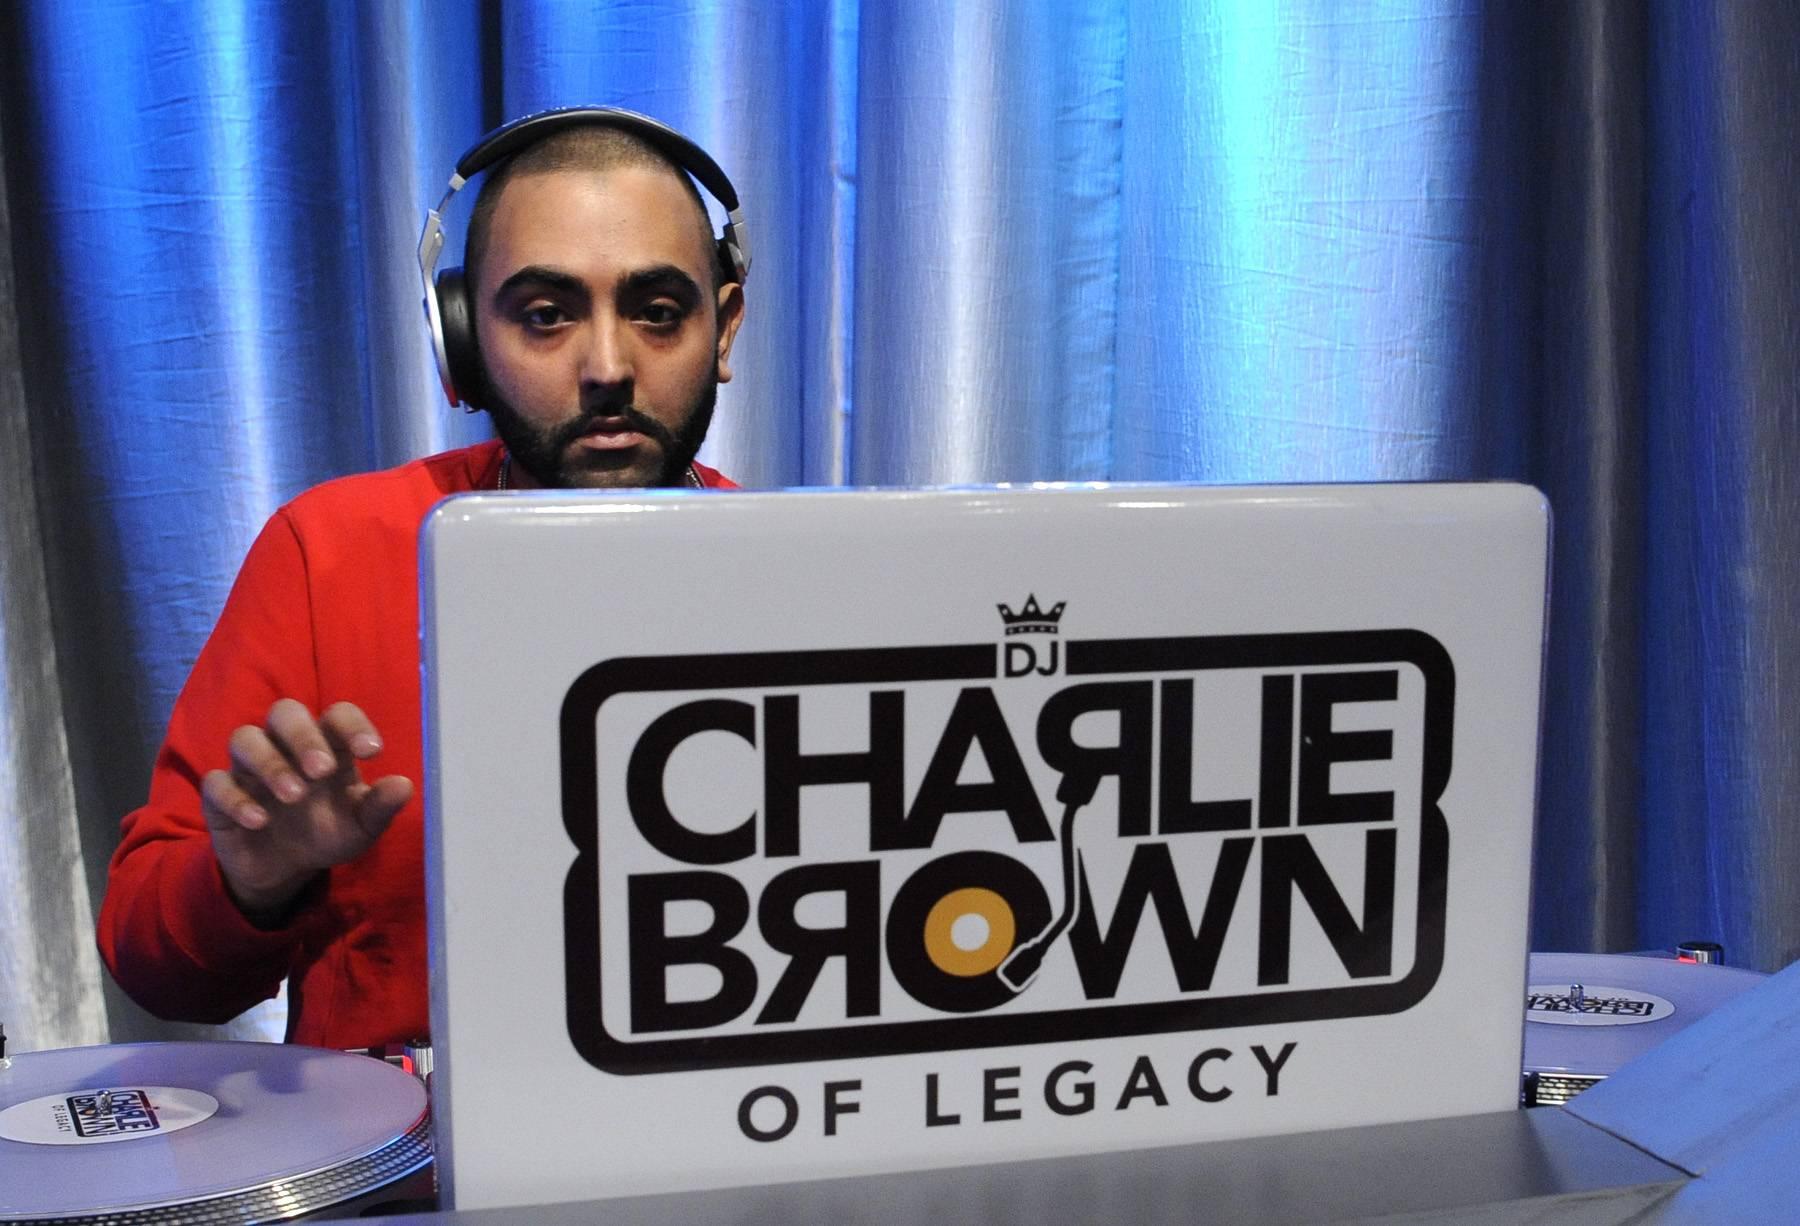 Go DJ - DJ Charlie Brown at 106 & Park, May 1, 2012. (Photo: John Ricard / BET)